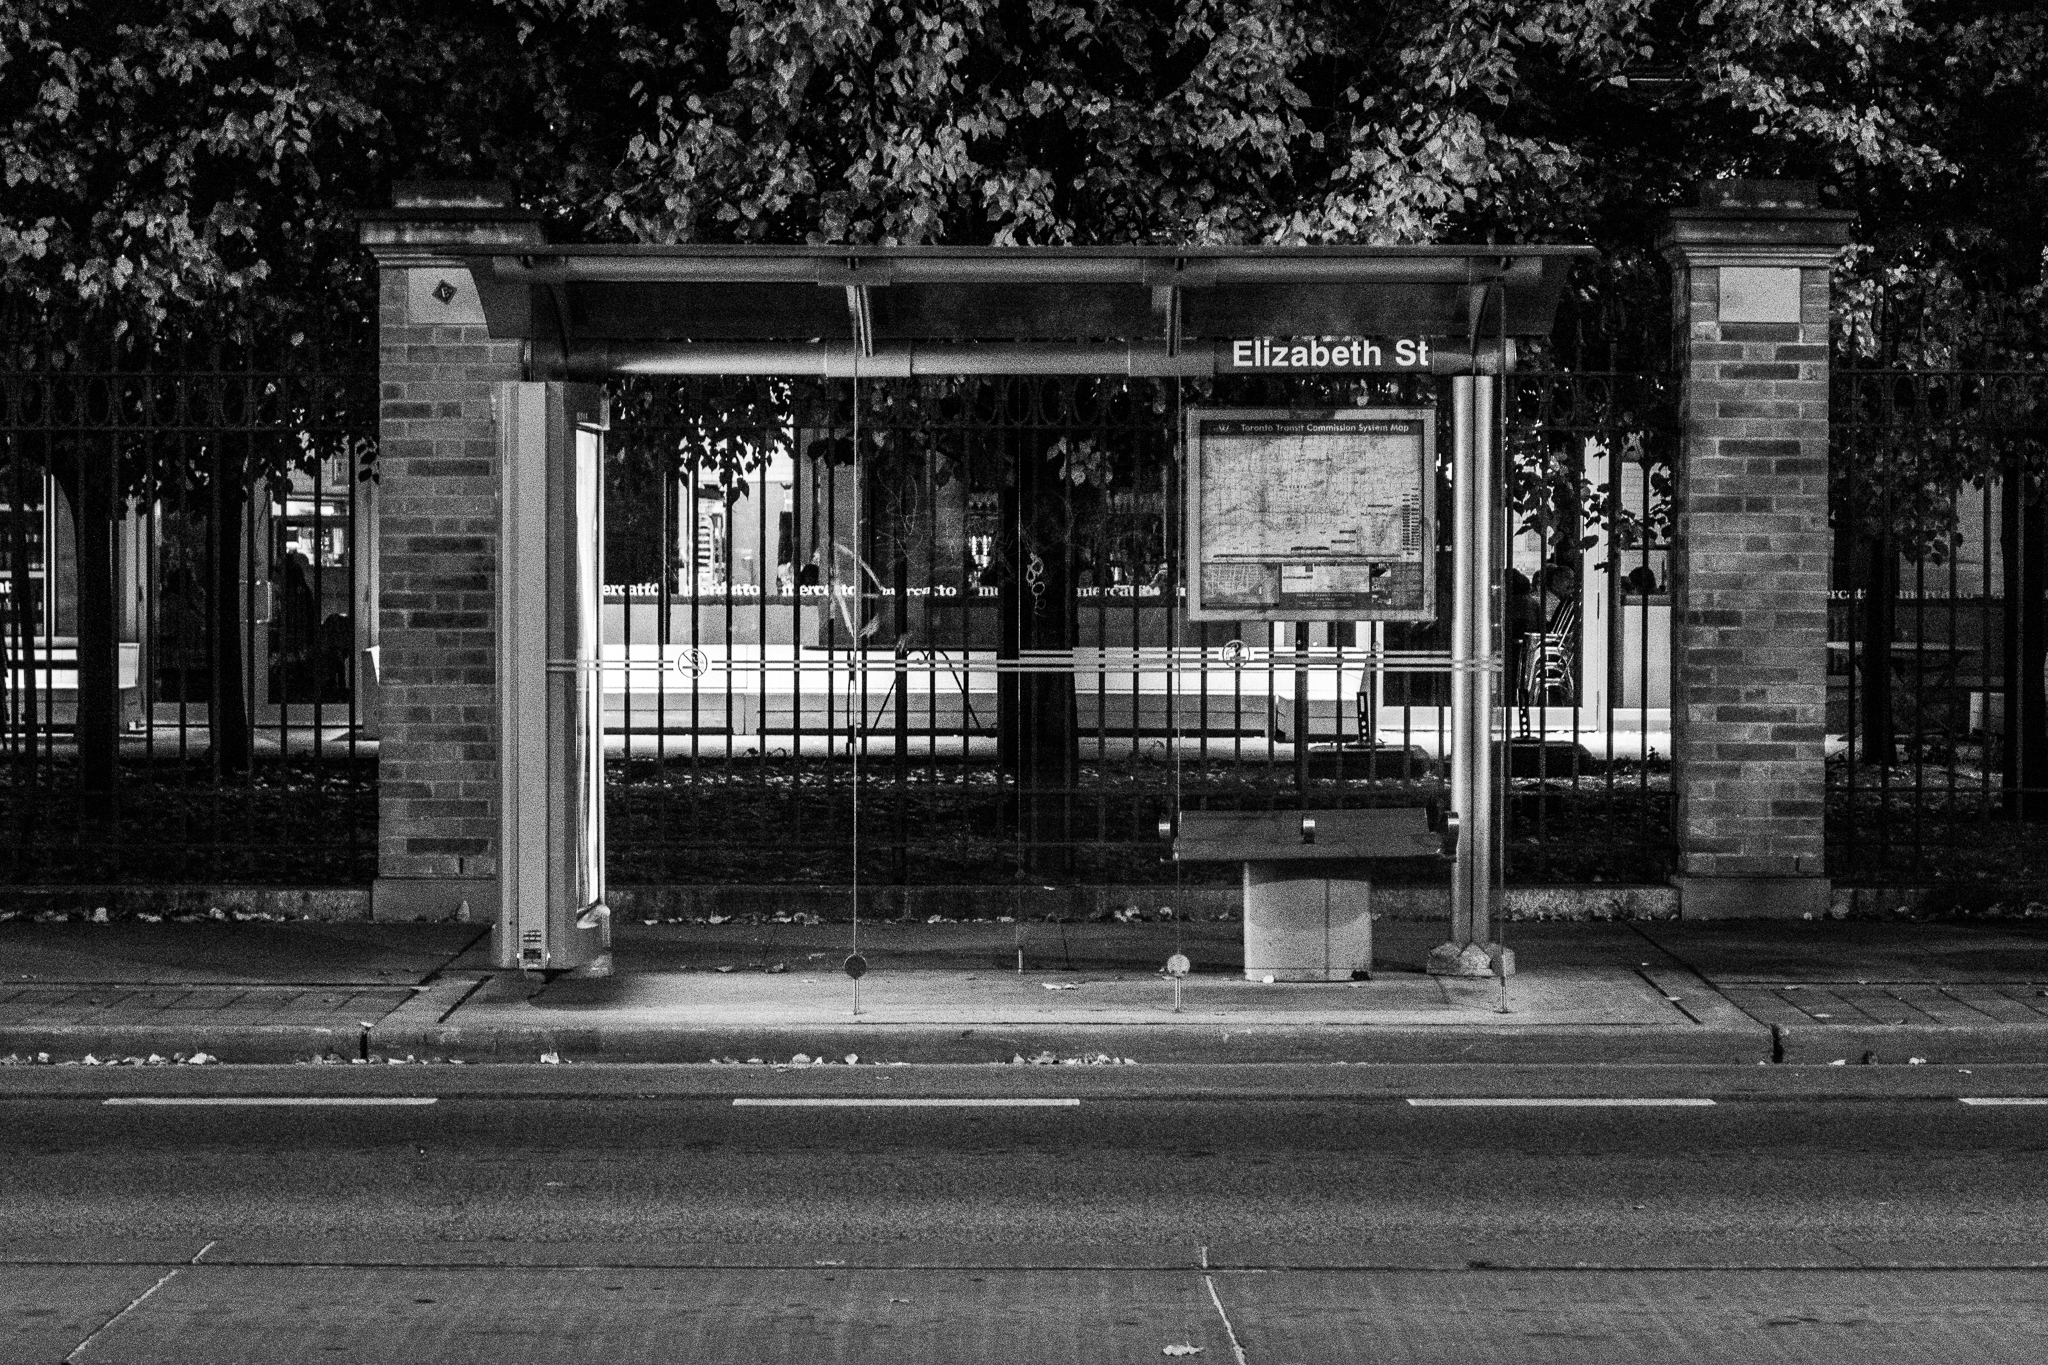 Elizabeth Street (1/15s, f/5.6, ISO5000)